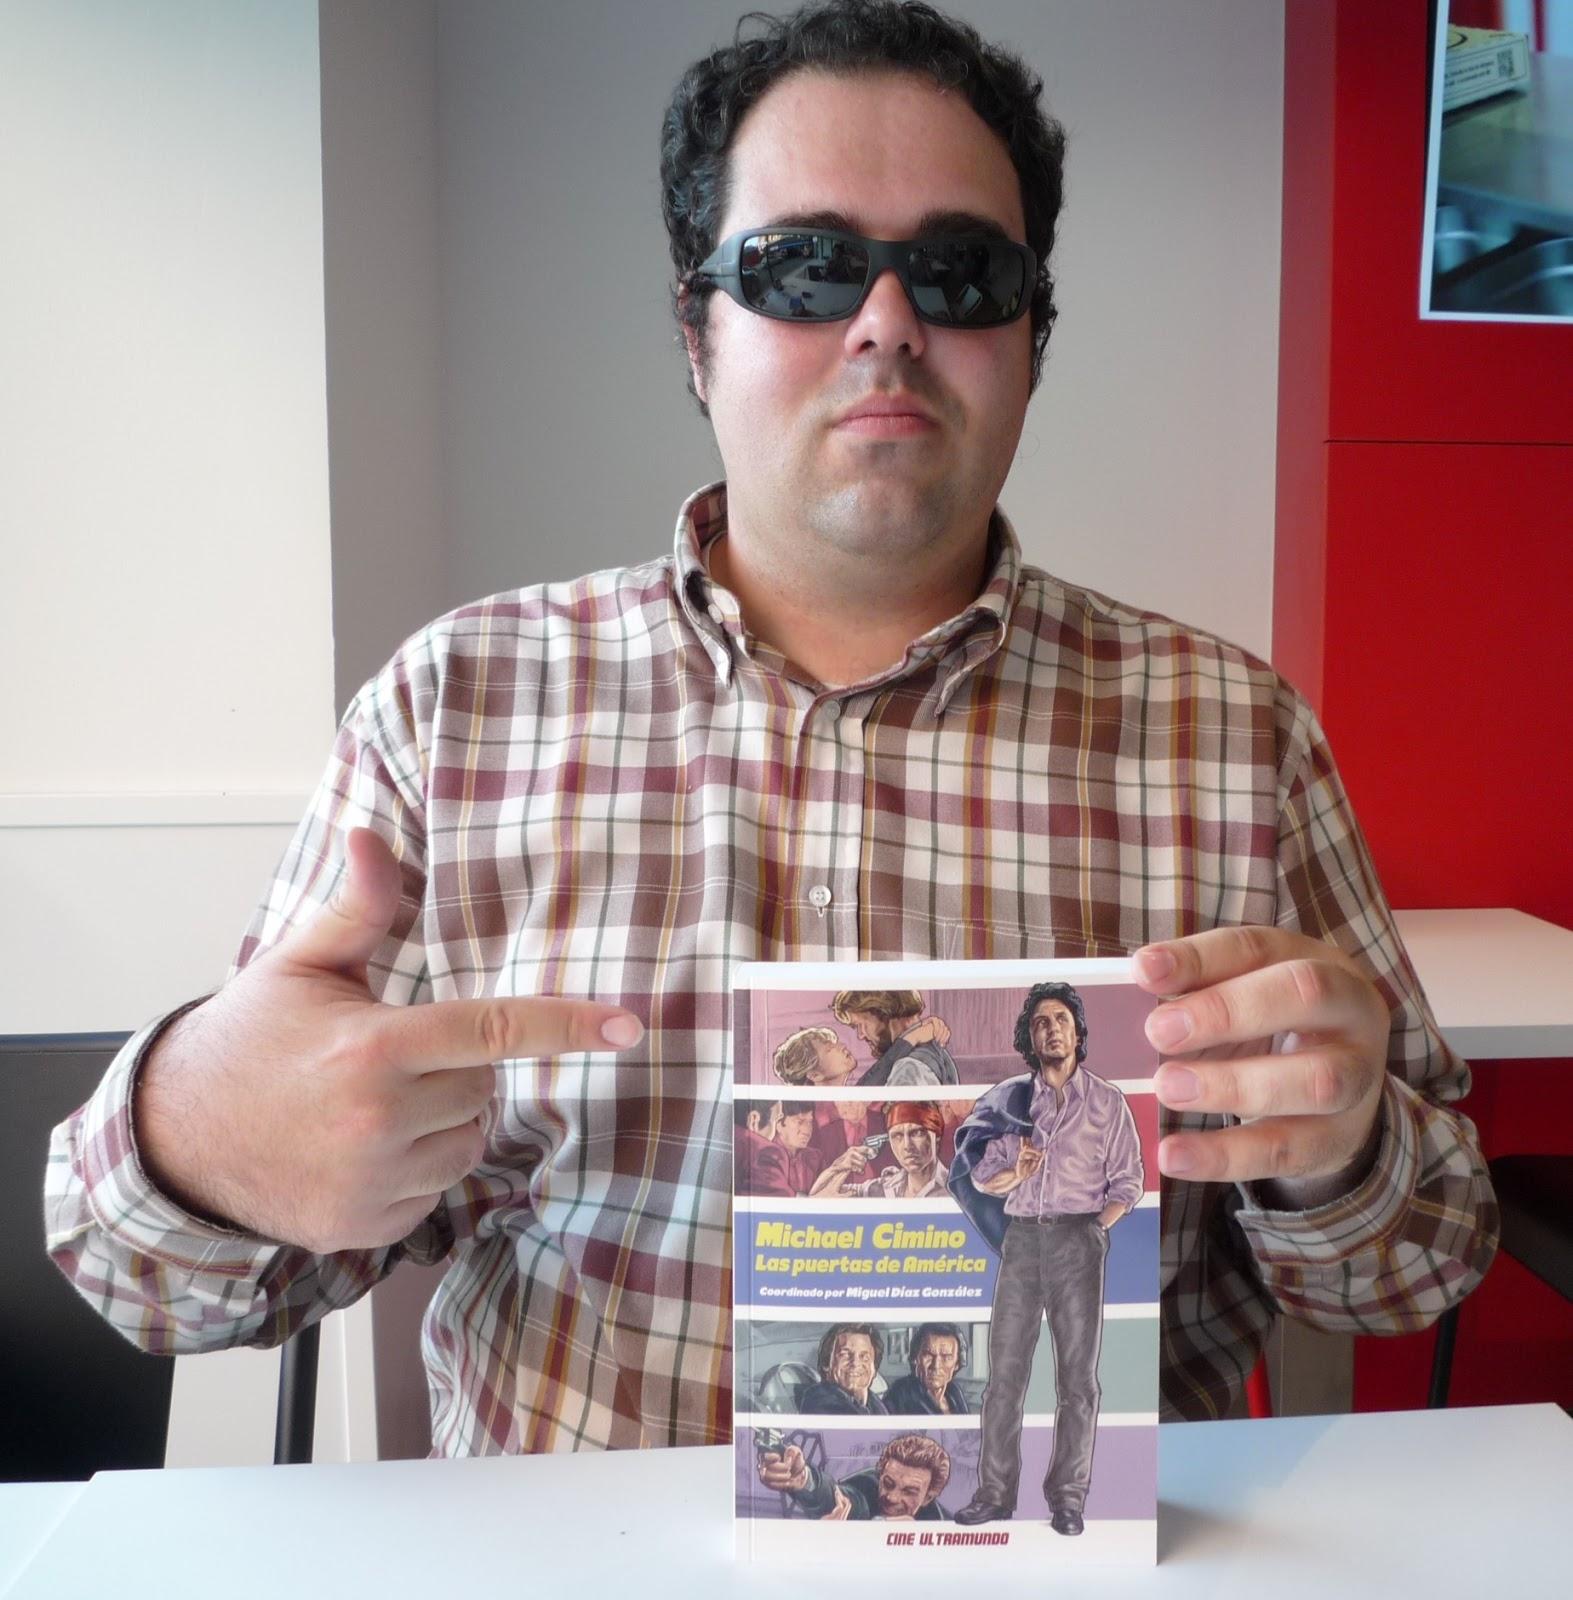 """Michael Cimino: Las Puertas de América"""" comienza su gira por ..."""